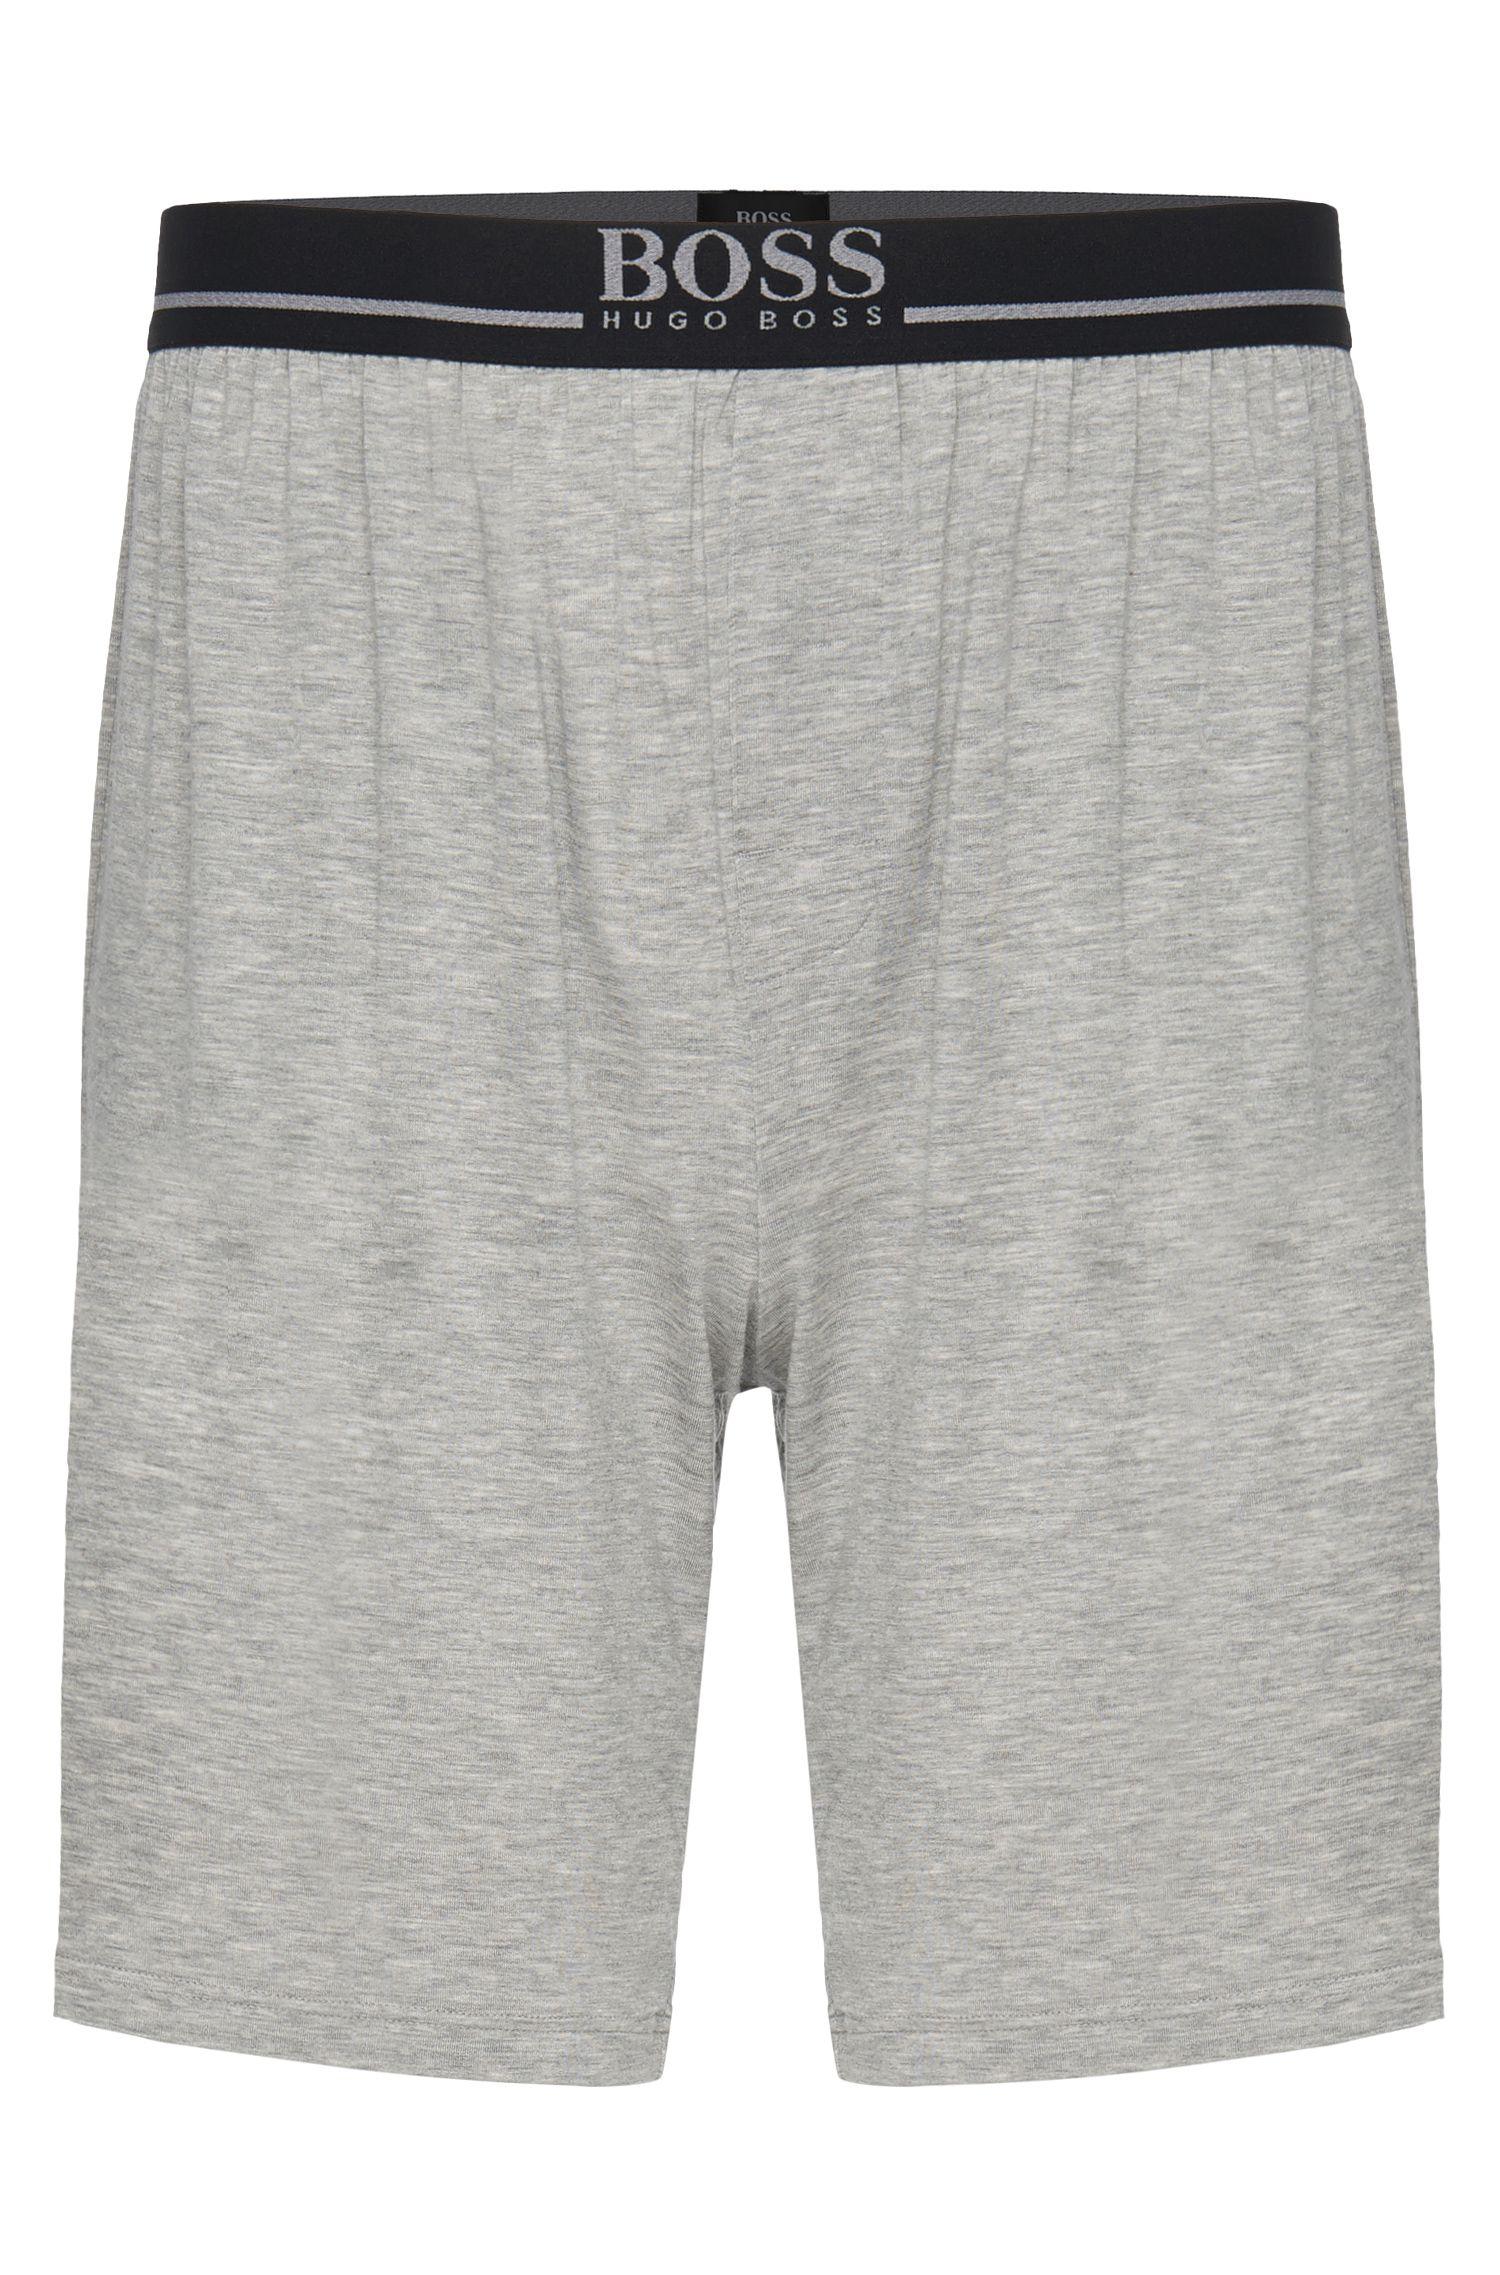 Pantaloncini corti in modal elasticizzato: 'Short Pant EW'